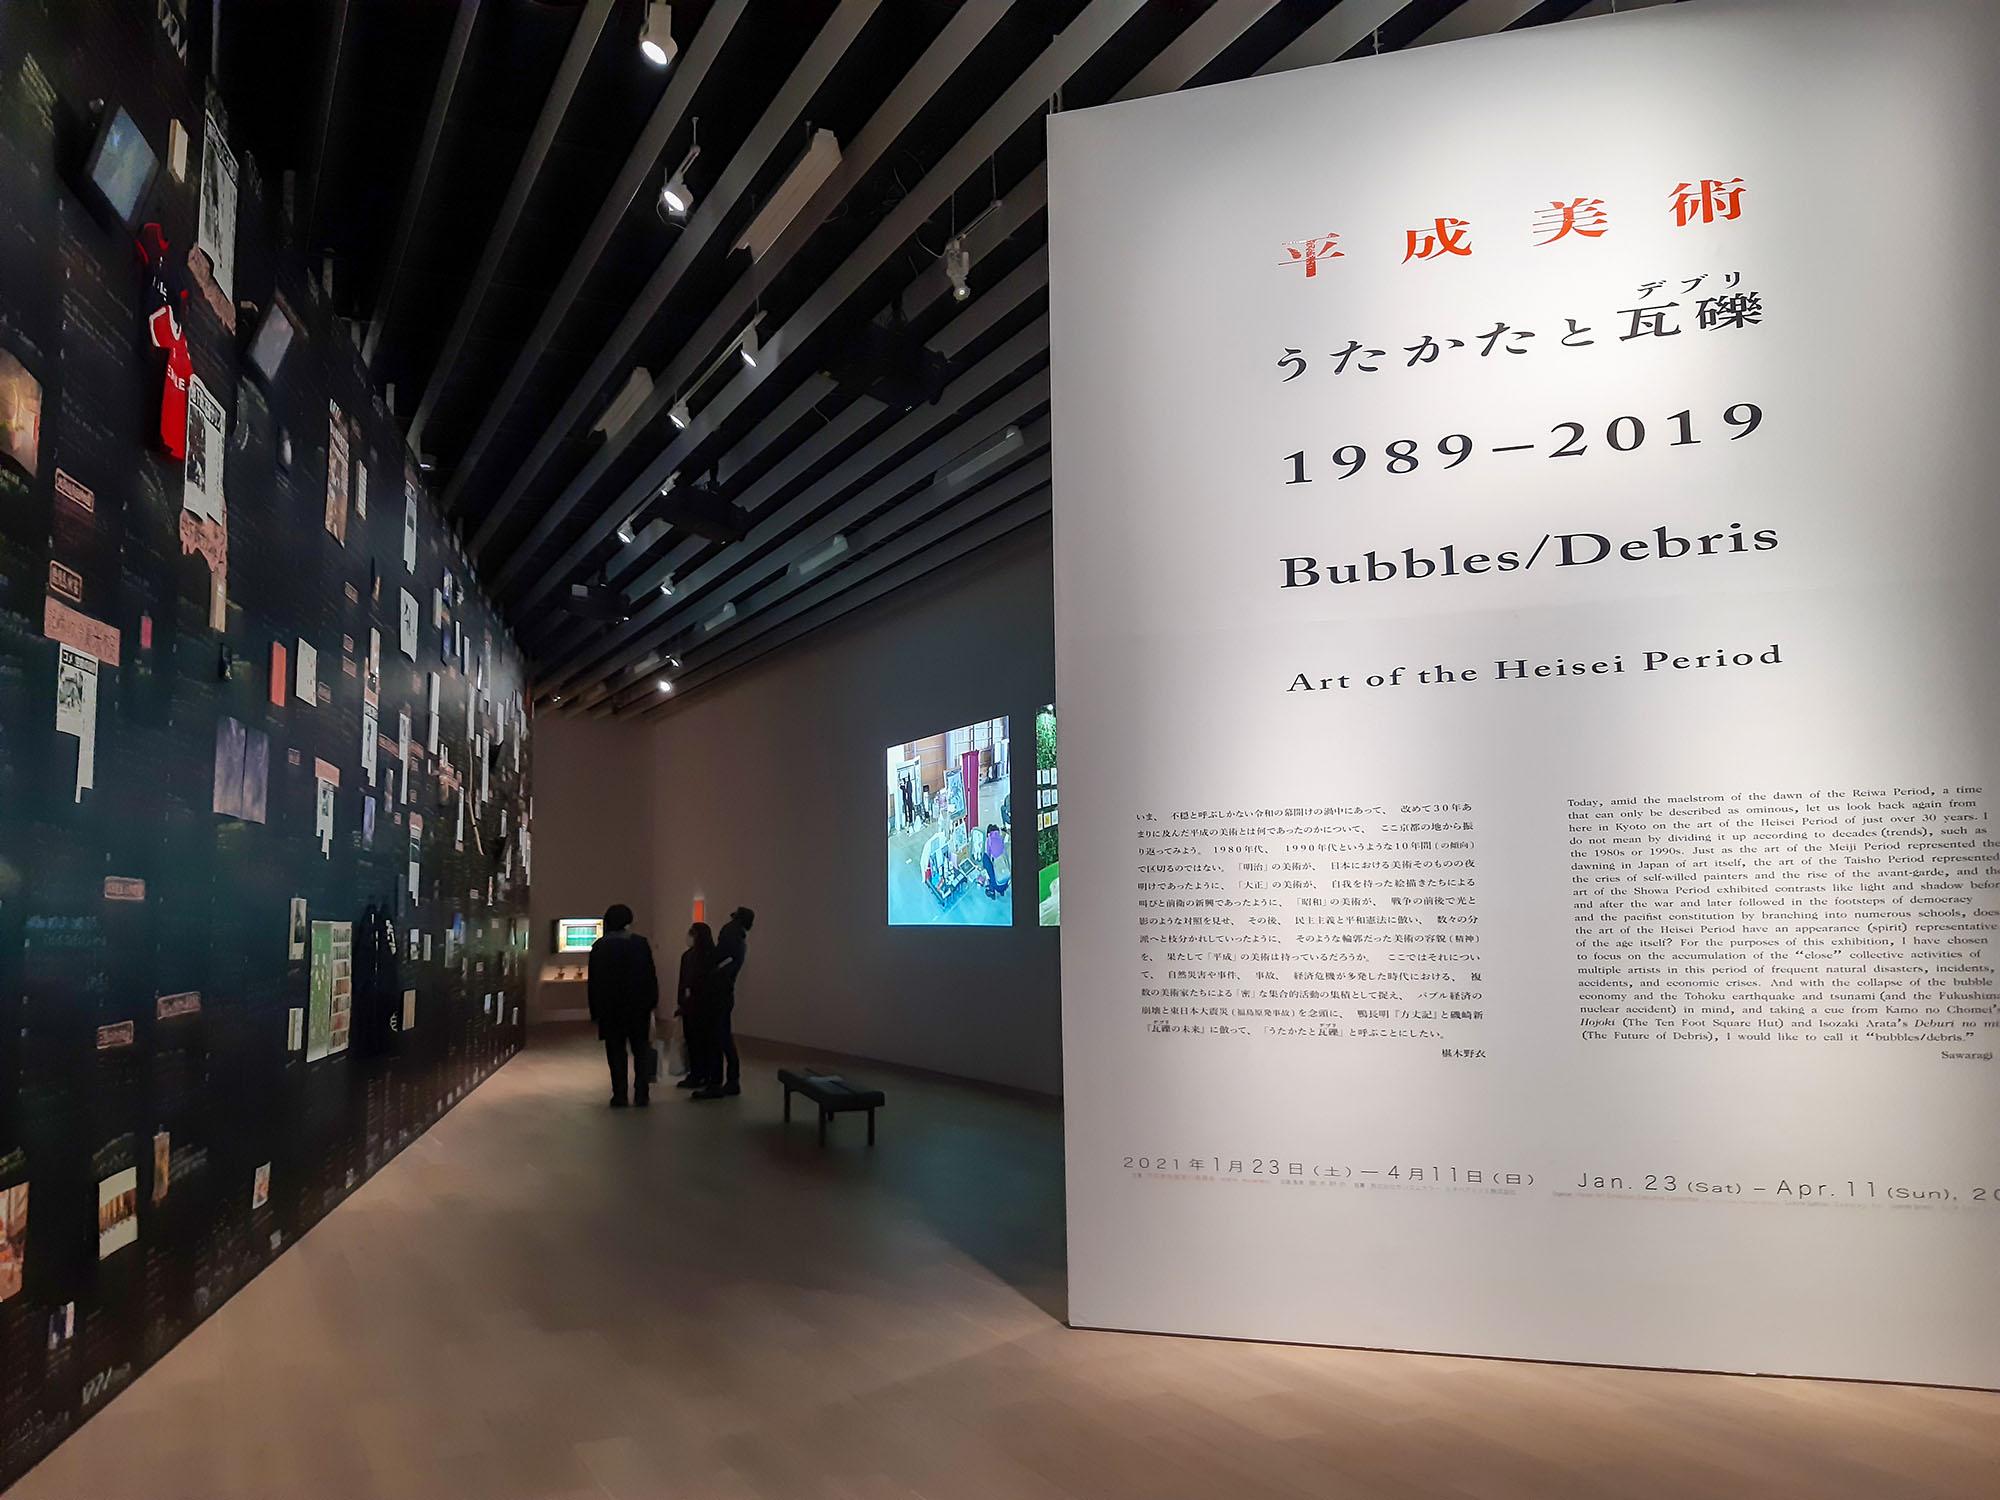 平成美術:うたかたと瓦礫 1989-2019 平成の壁